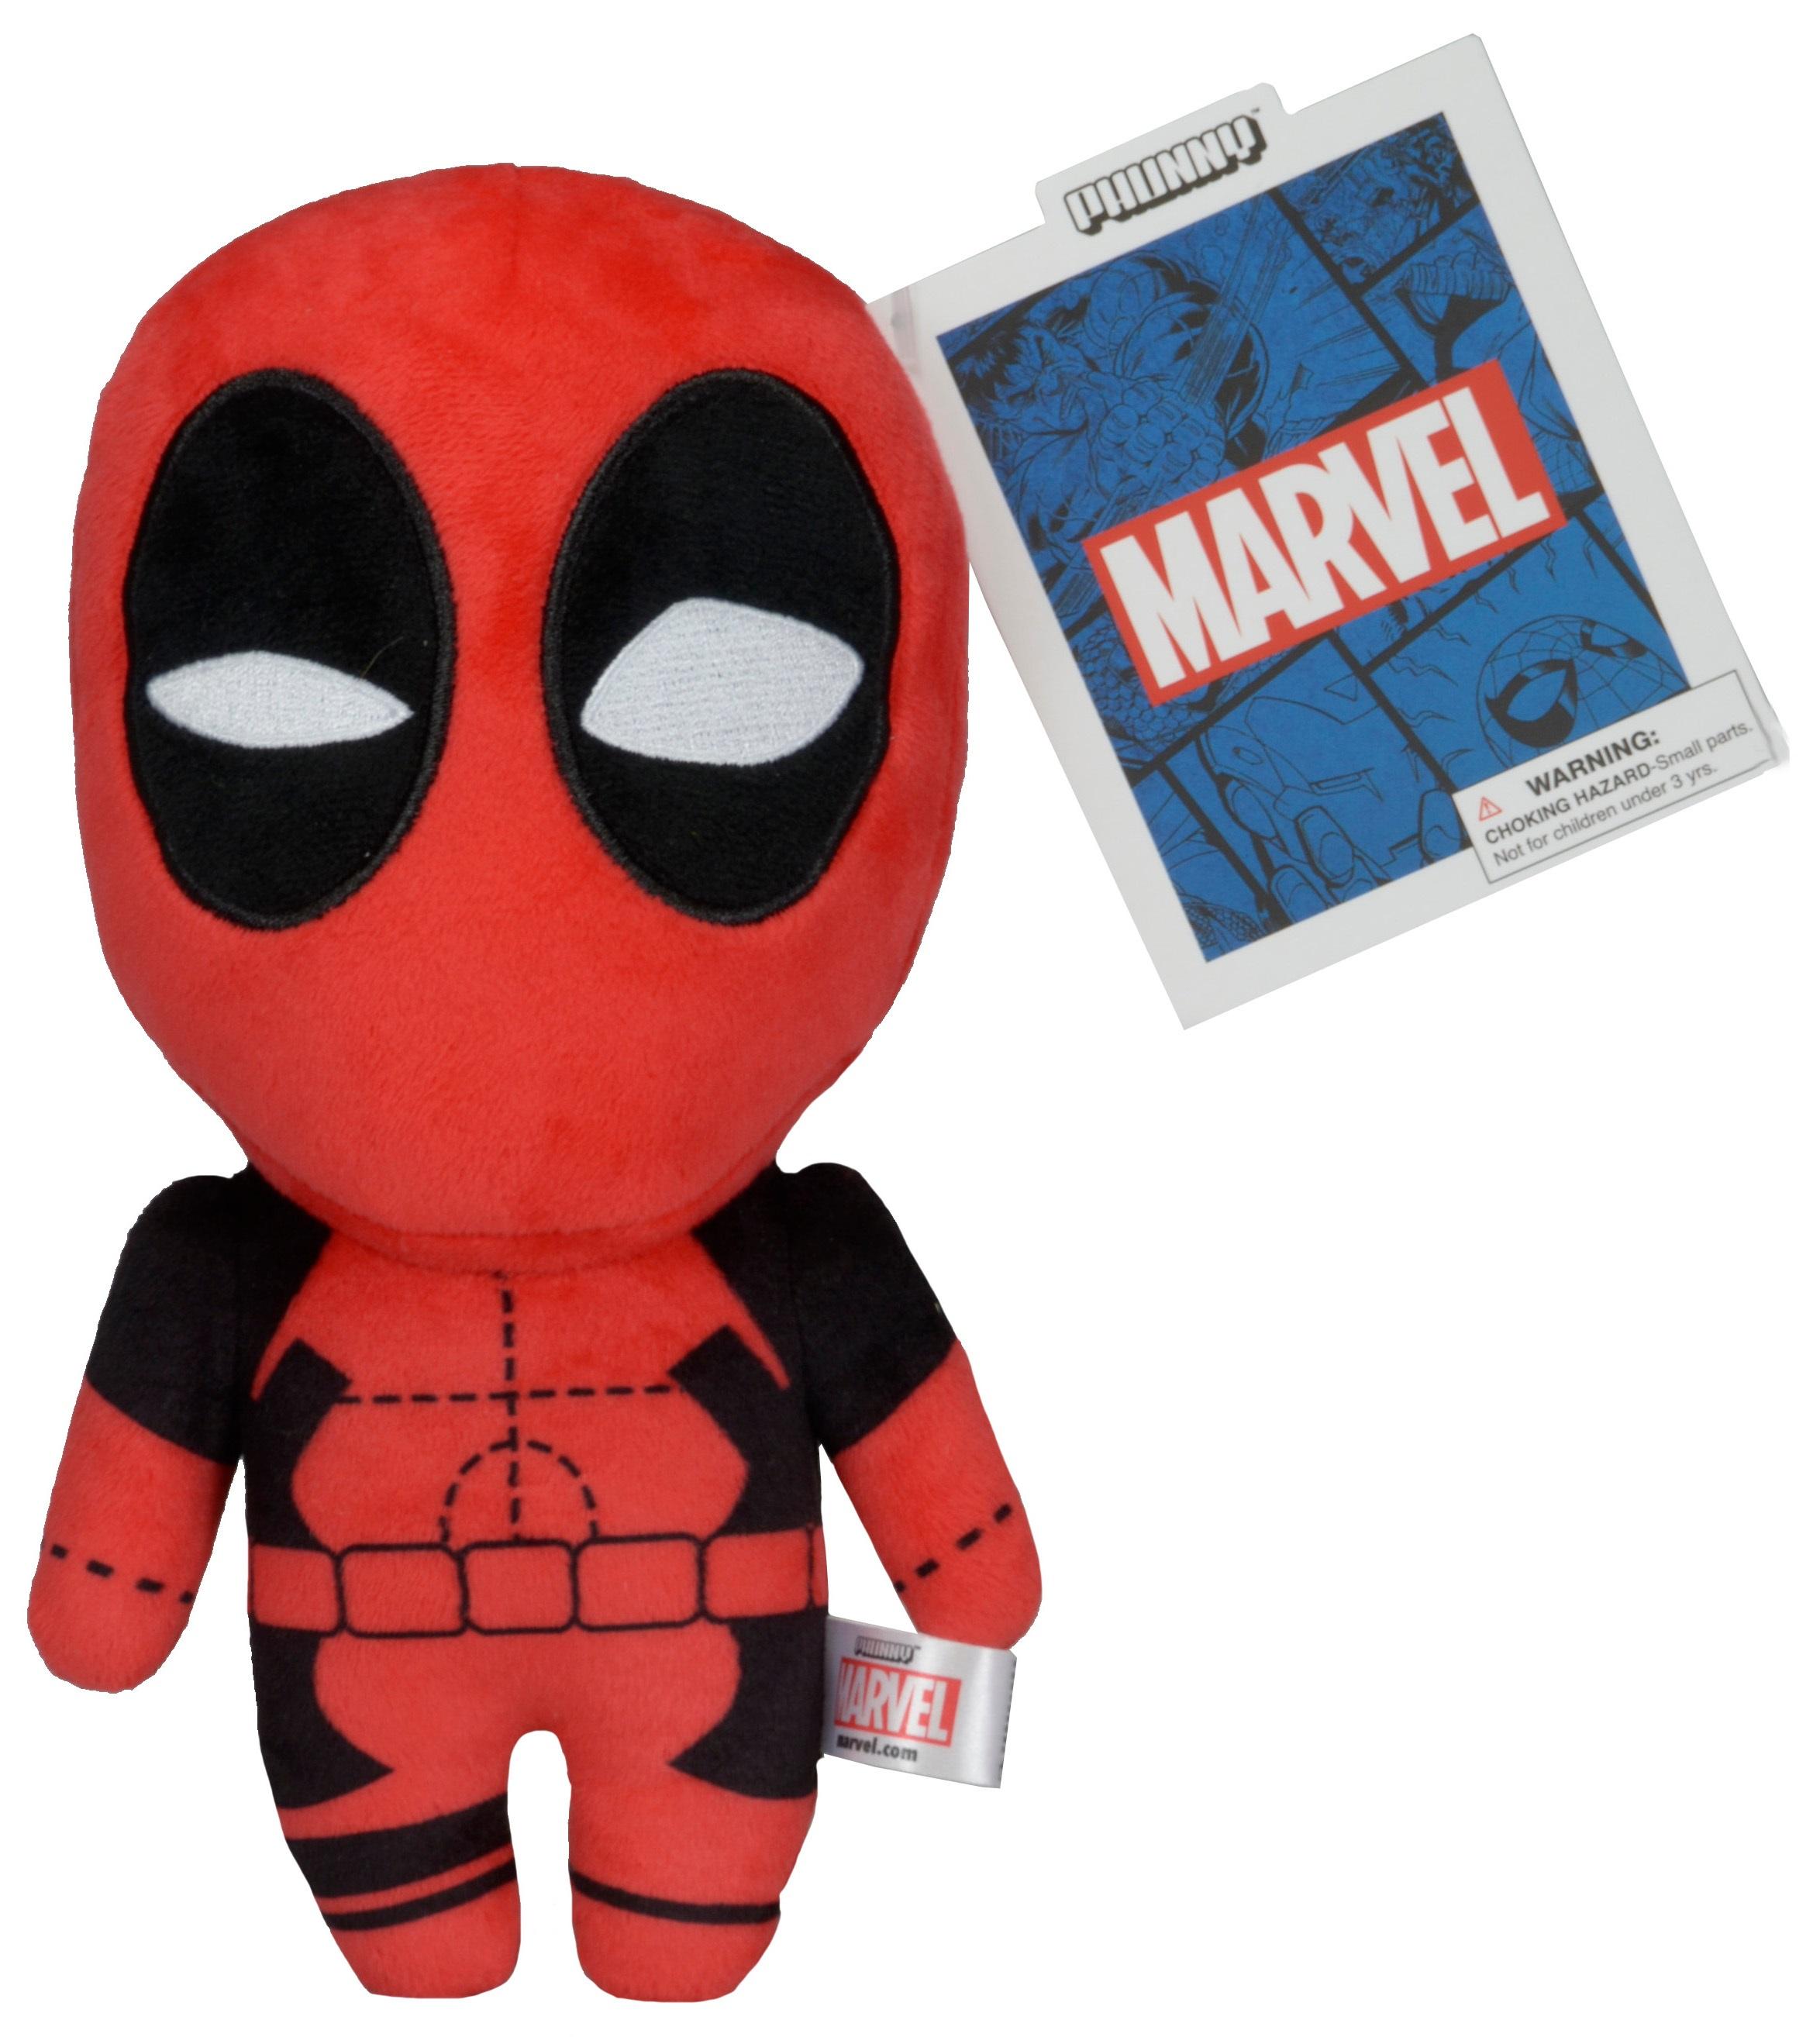 Мягкая игрушка Marvel Phunnys. Deadpool (20 см)Представляем вашему вниманию мягкую игрушку Marvel Phunnys. Deadpool, воплощающую собой одного из самых популярных персонажей Marvel – Капитана Америка.<br>